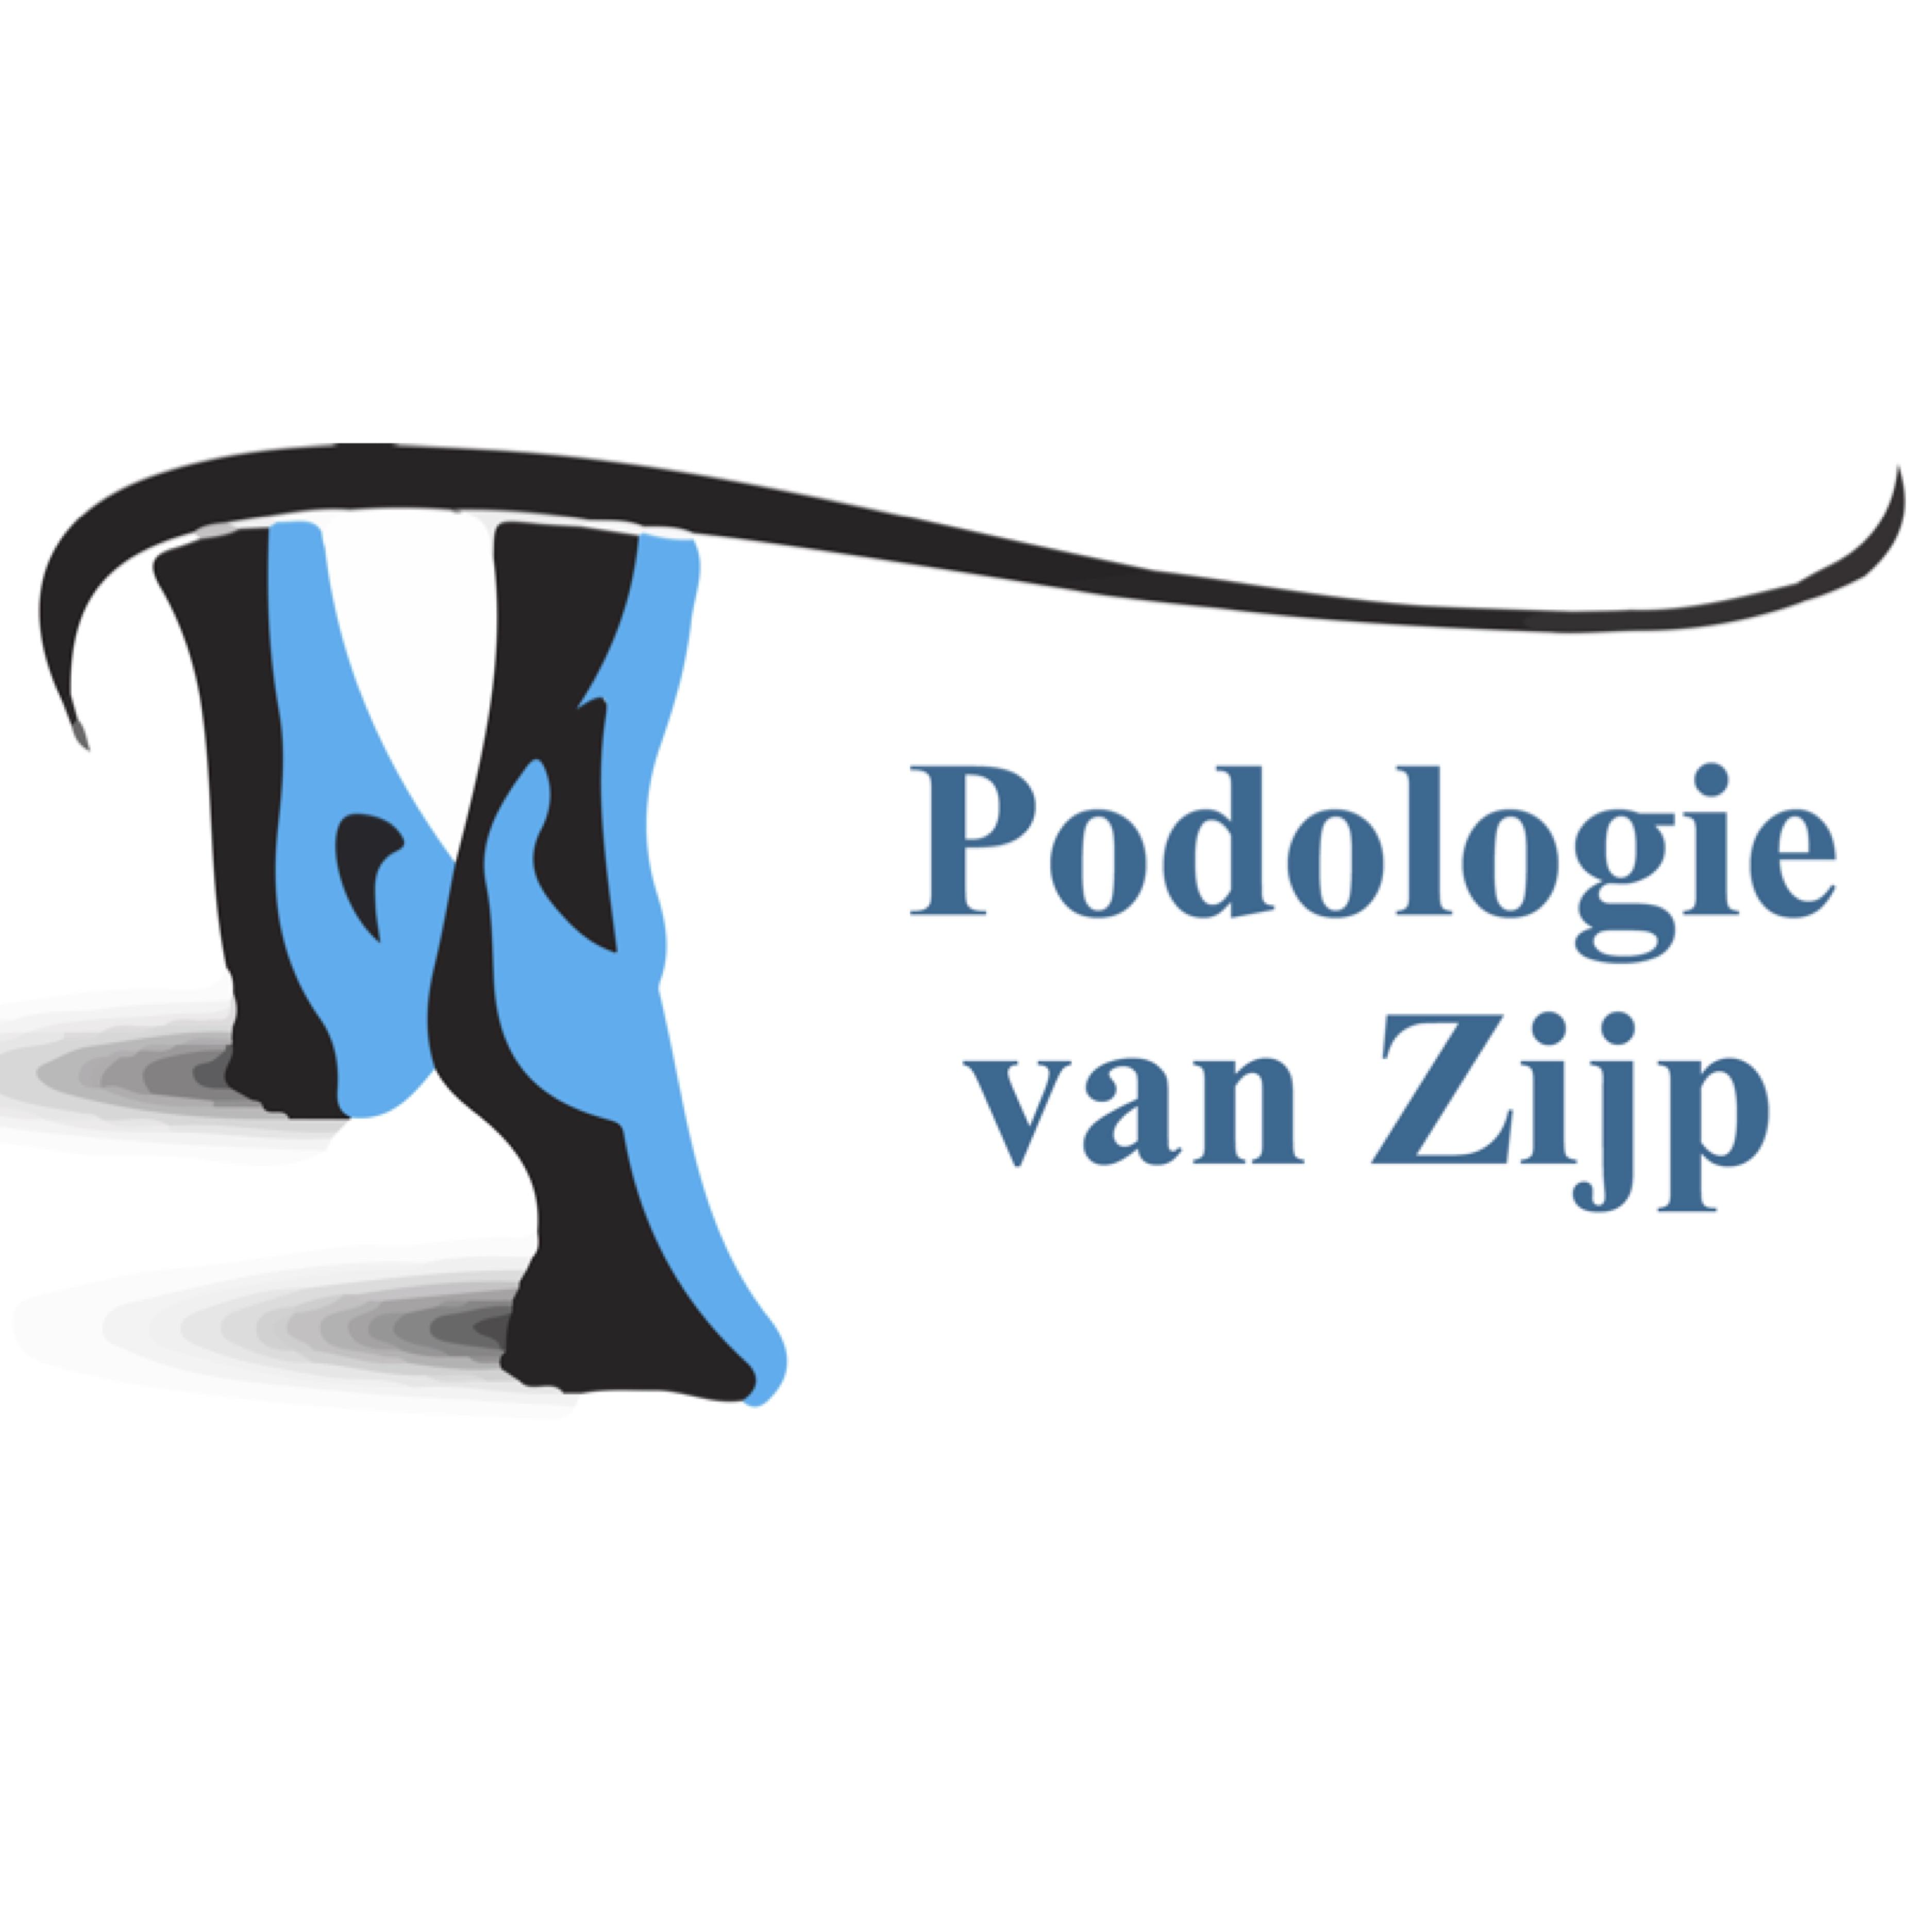 Podologie van Zijp